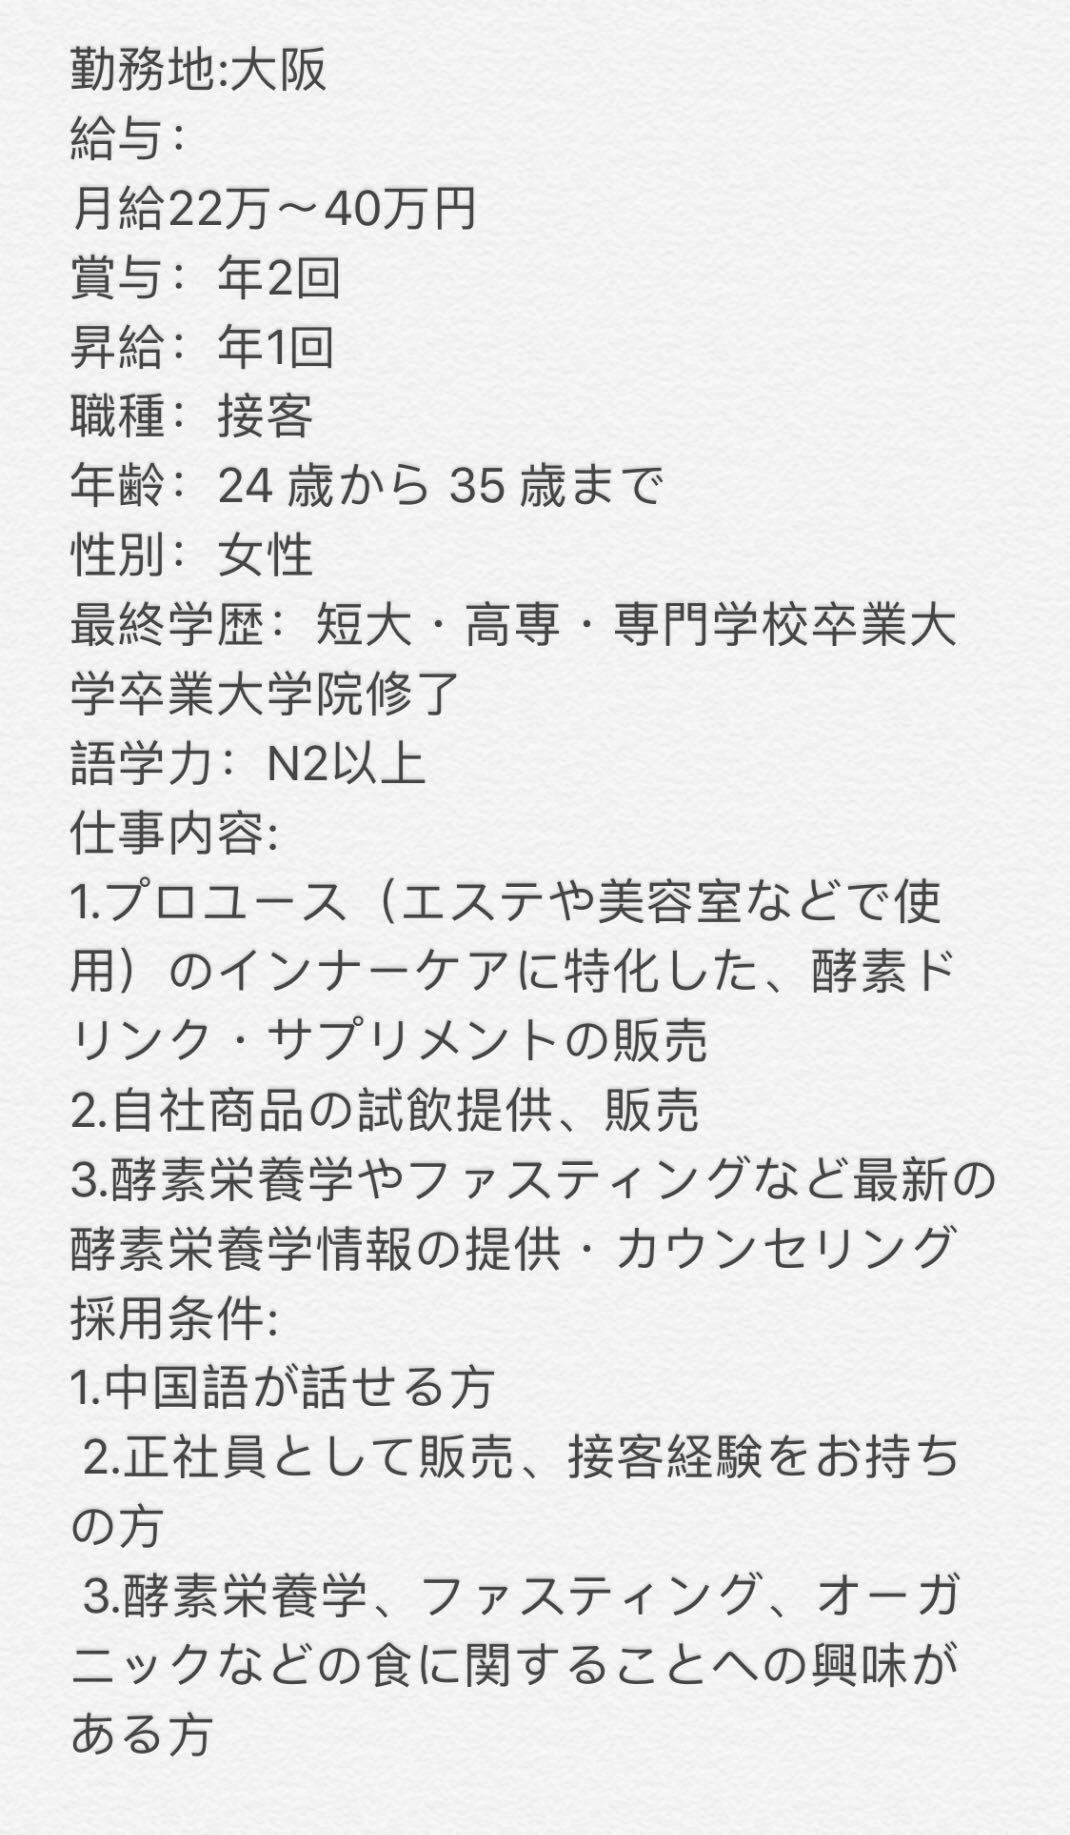 大阪美容产品销售.jpg